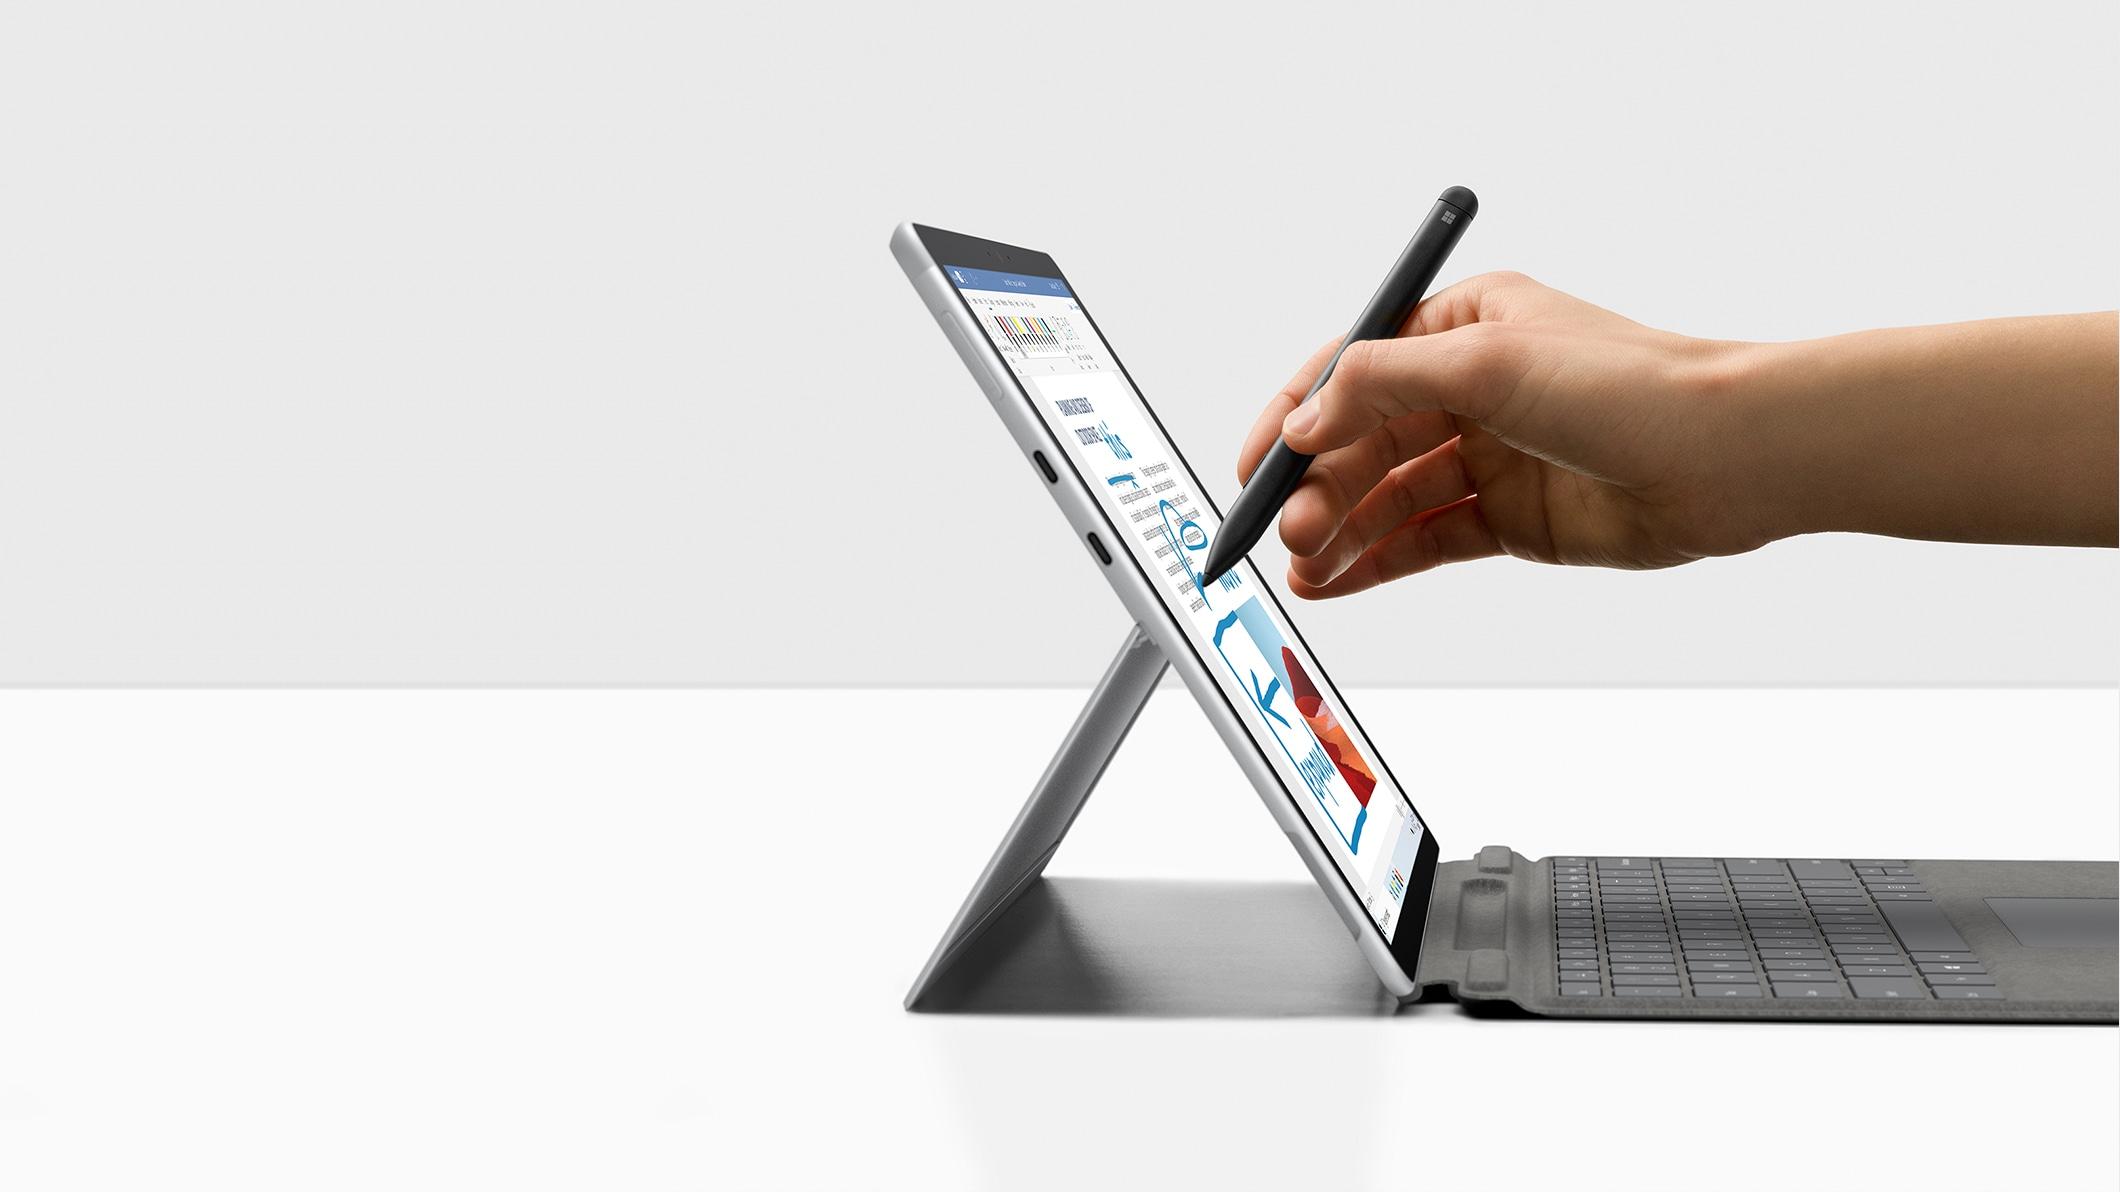 配备 Surface 超薄触控笔的亮铂金 Surface Pro X